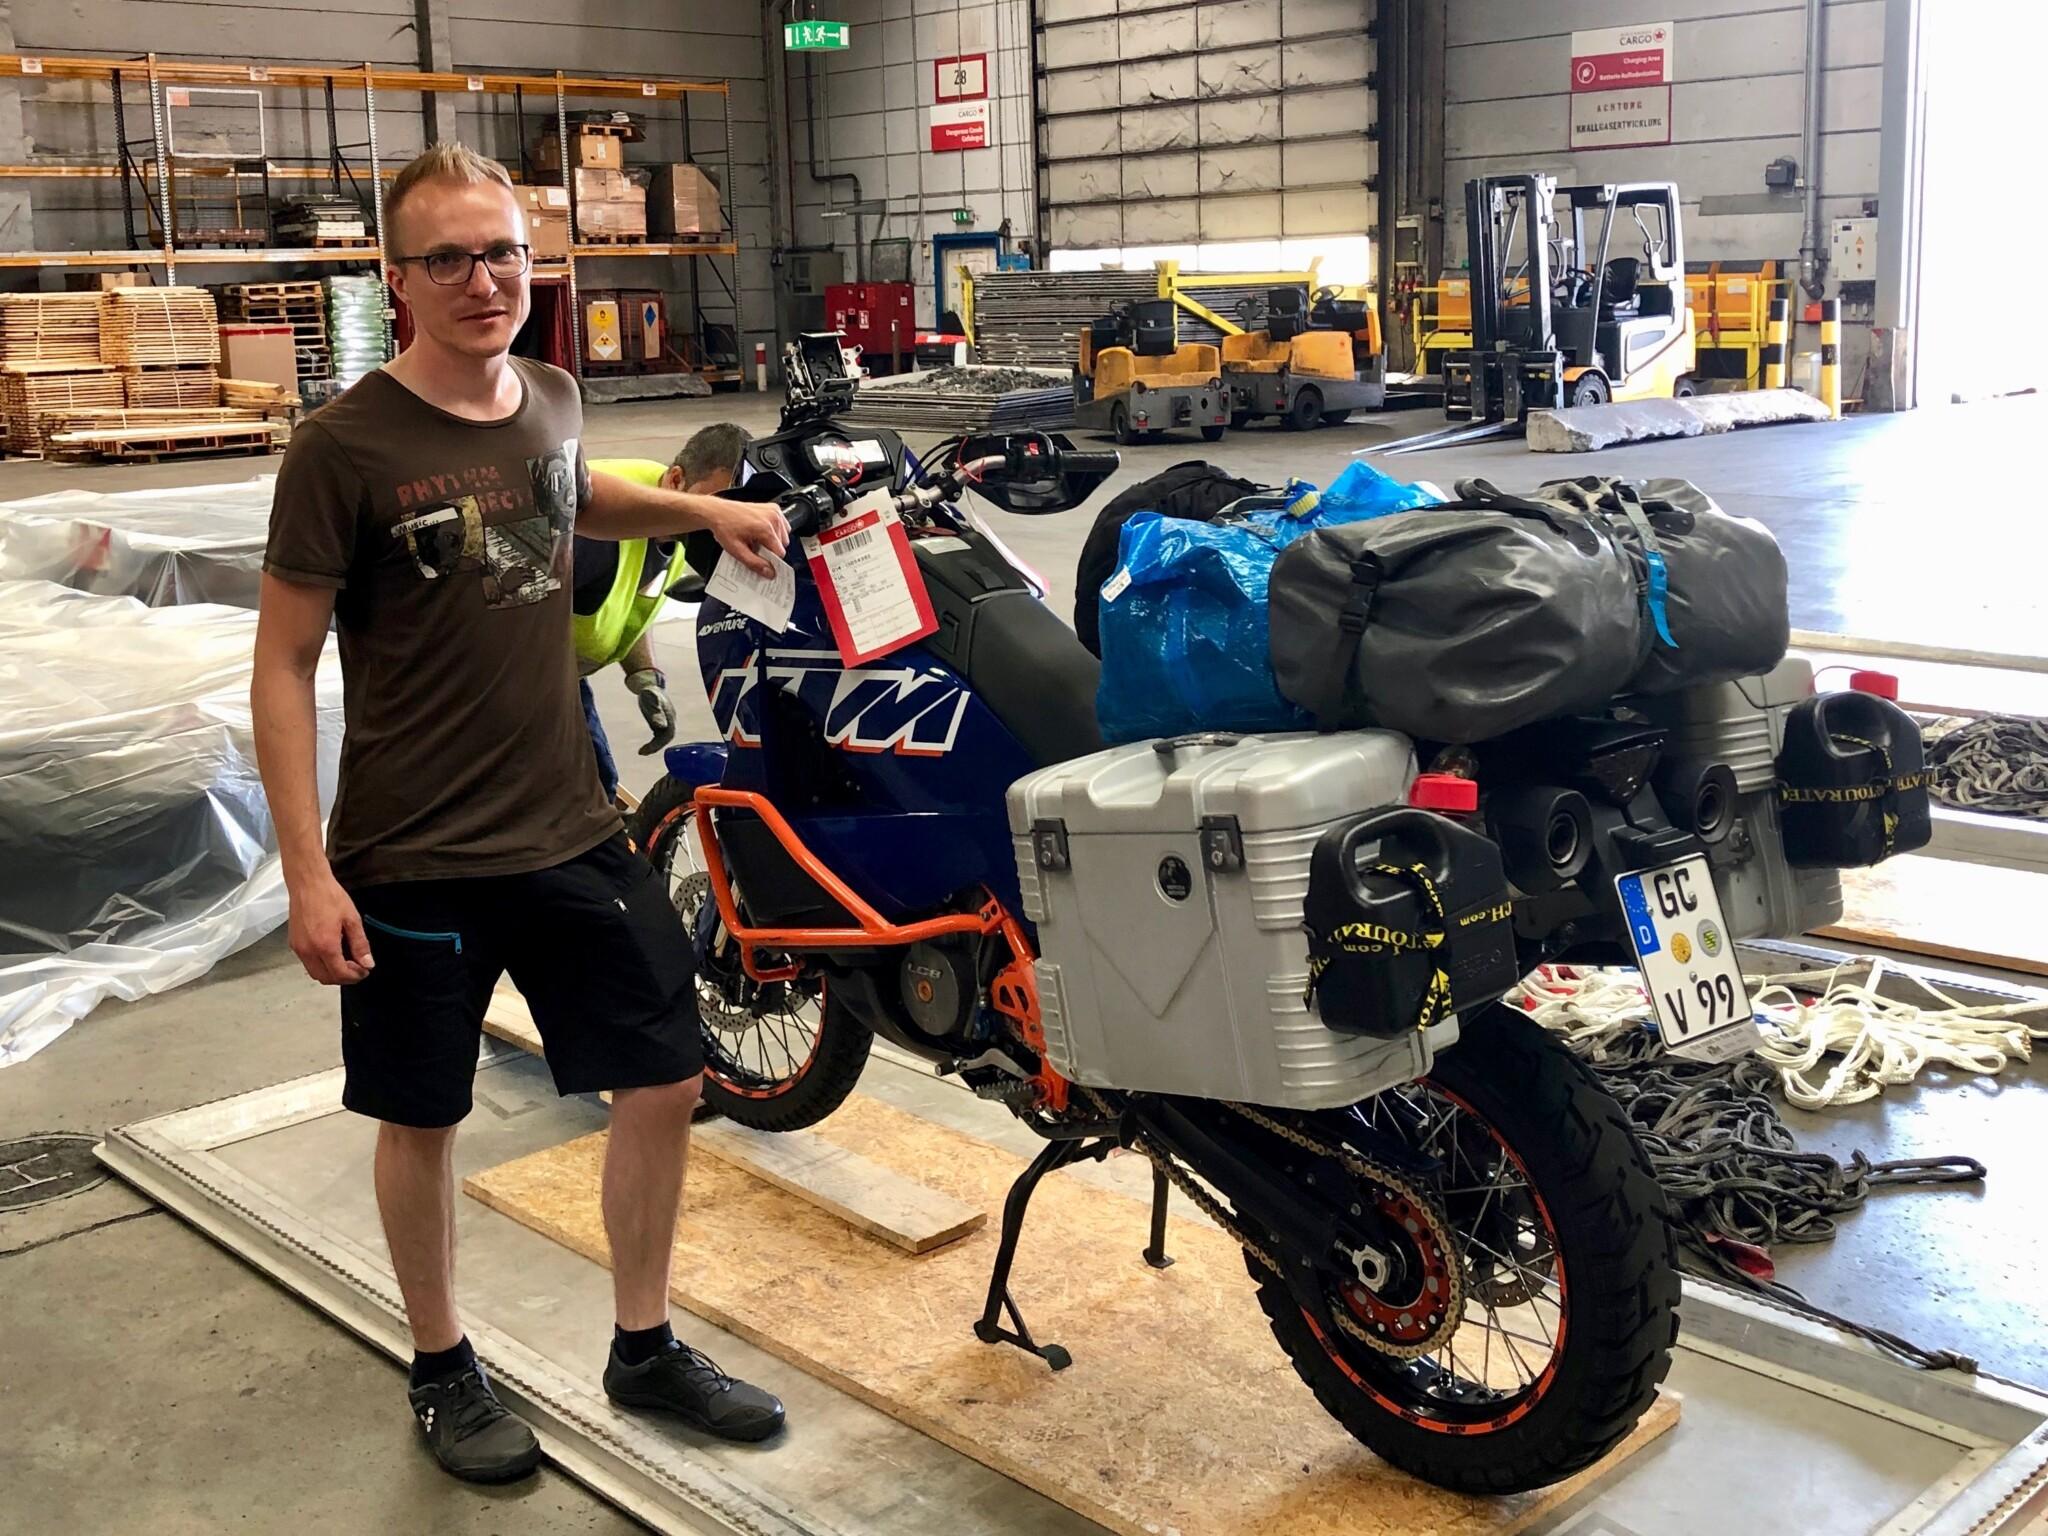 Motorrad und Georg in der Lagerhalle von Air Canada Cargo